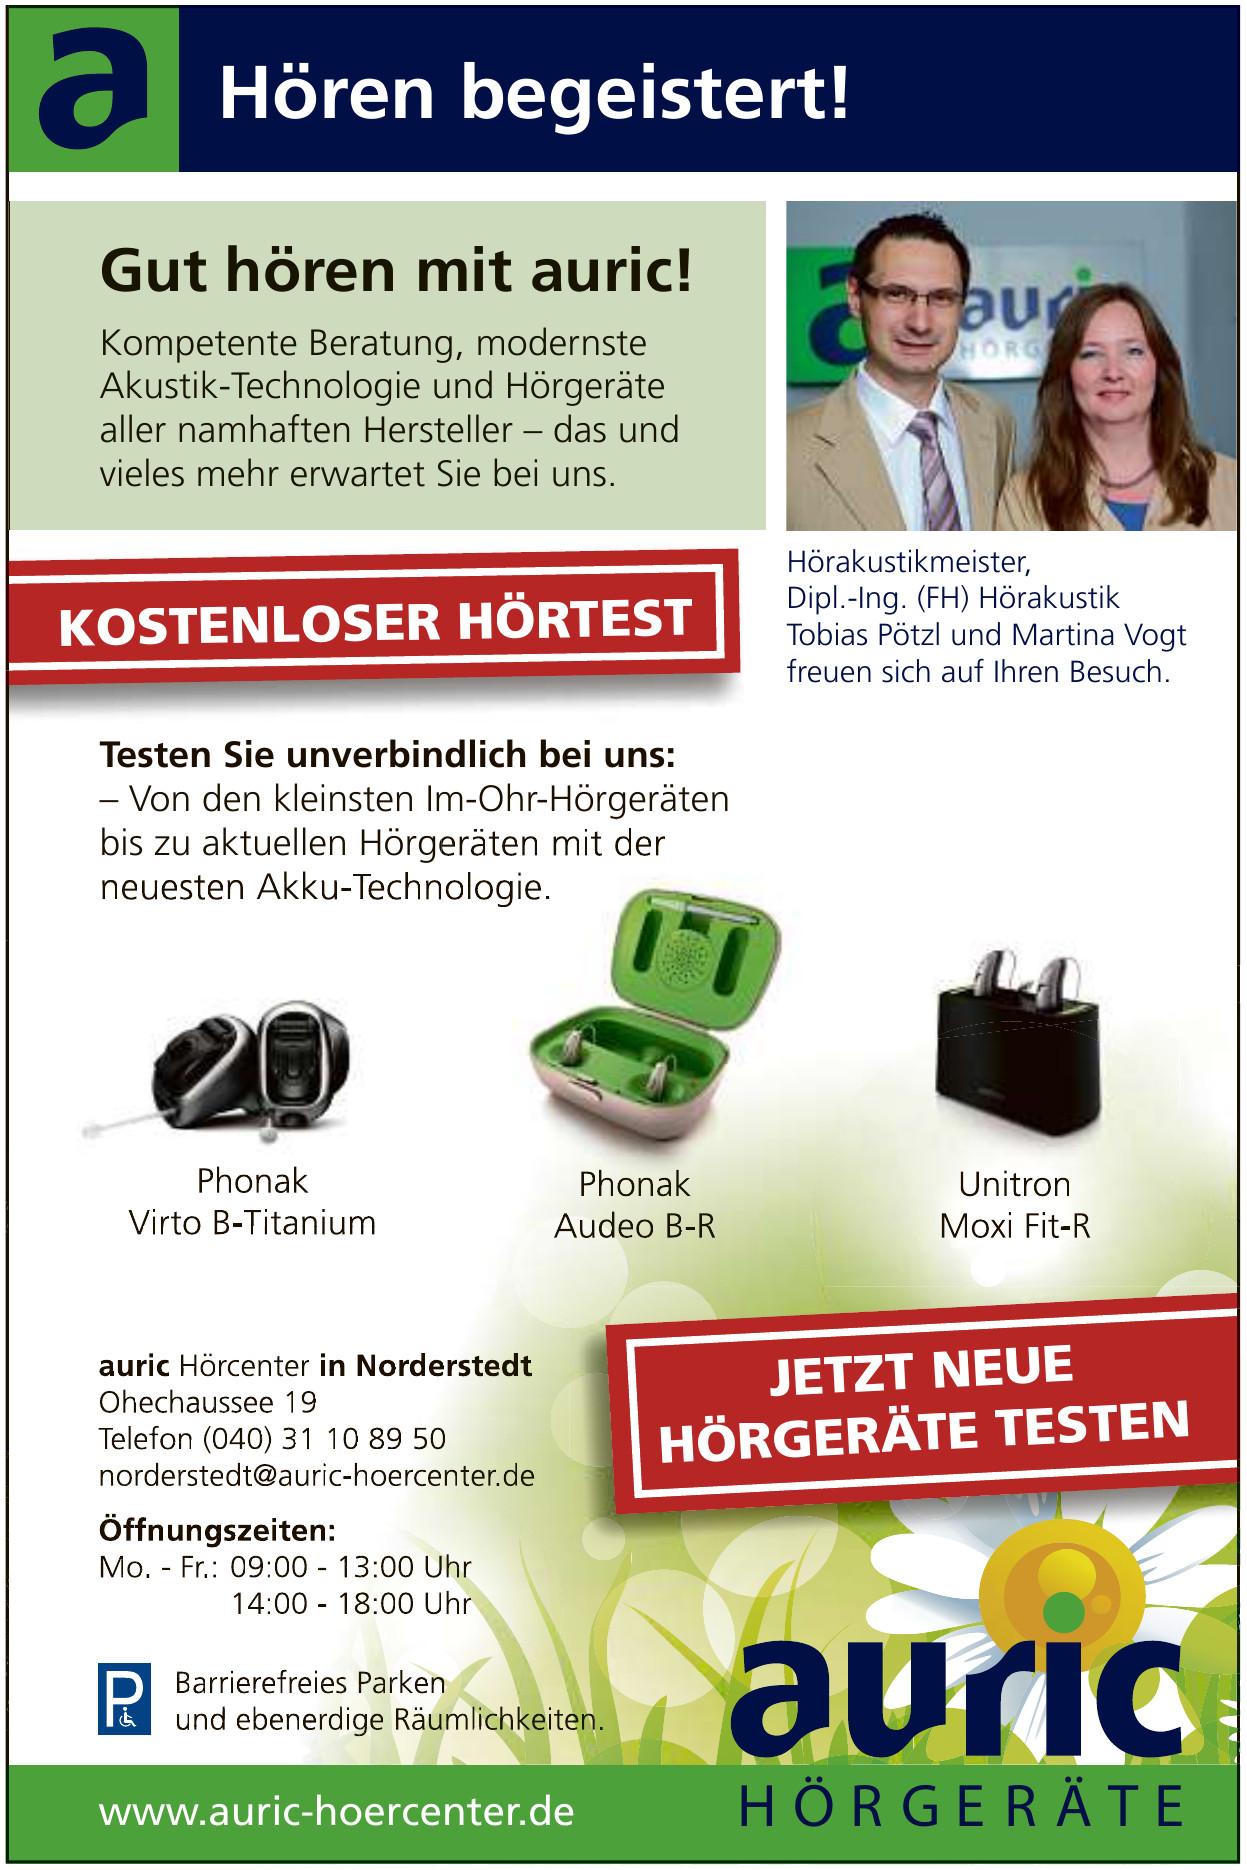 auric Hör- und Tinnitus-Zentrum Norderstedt GmbH & Co. KG